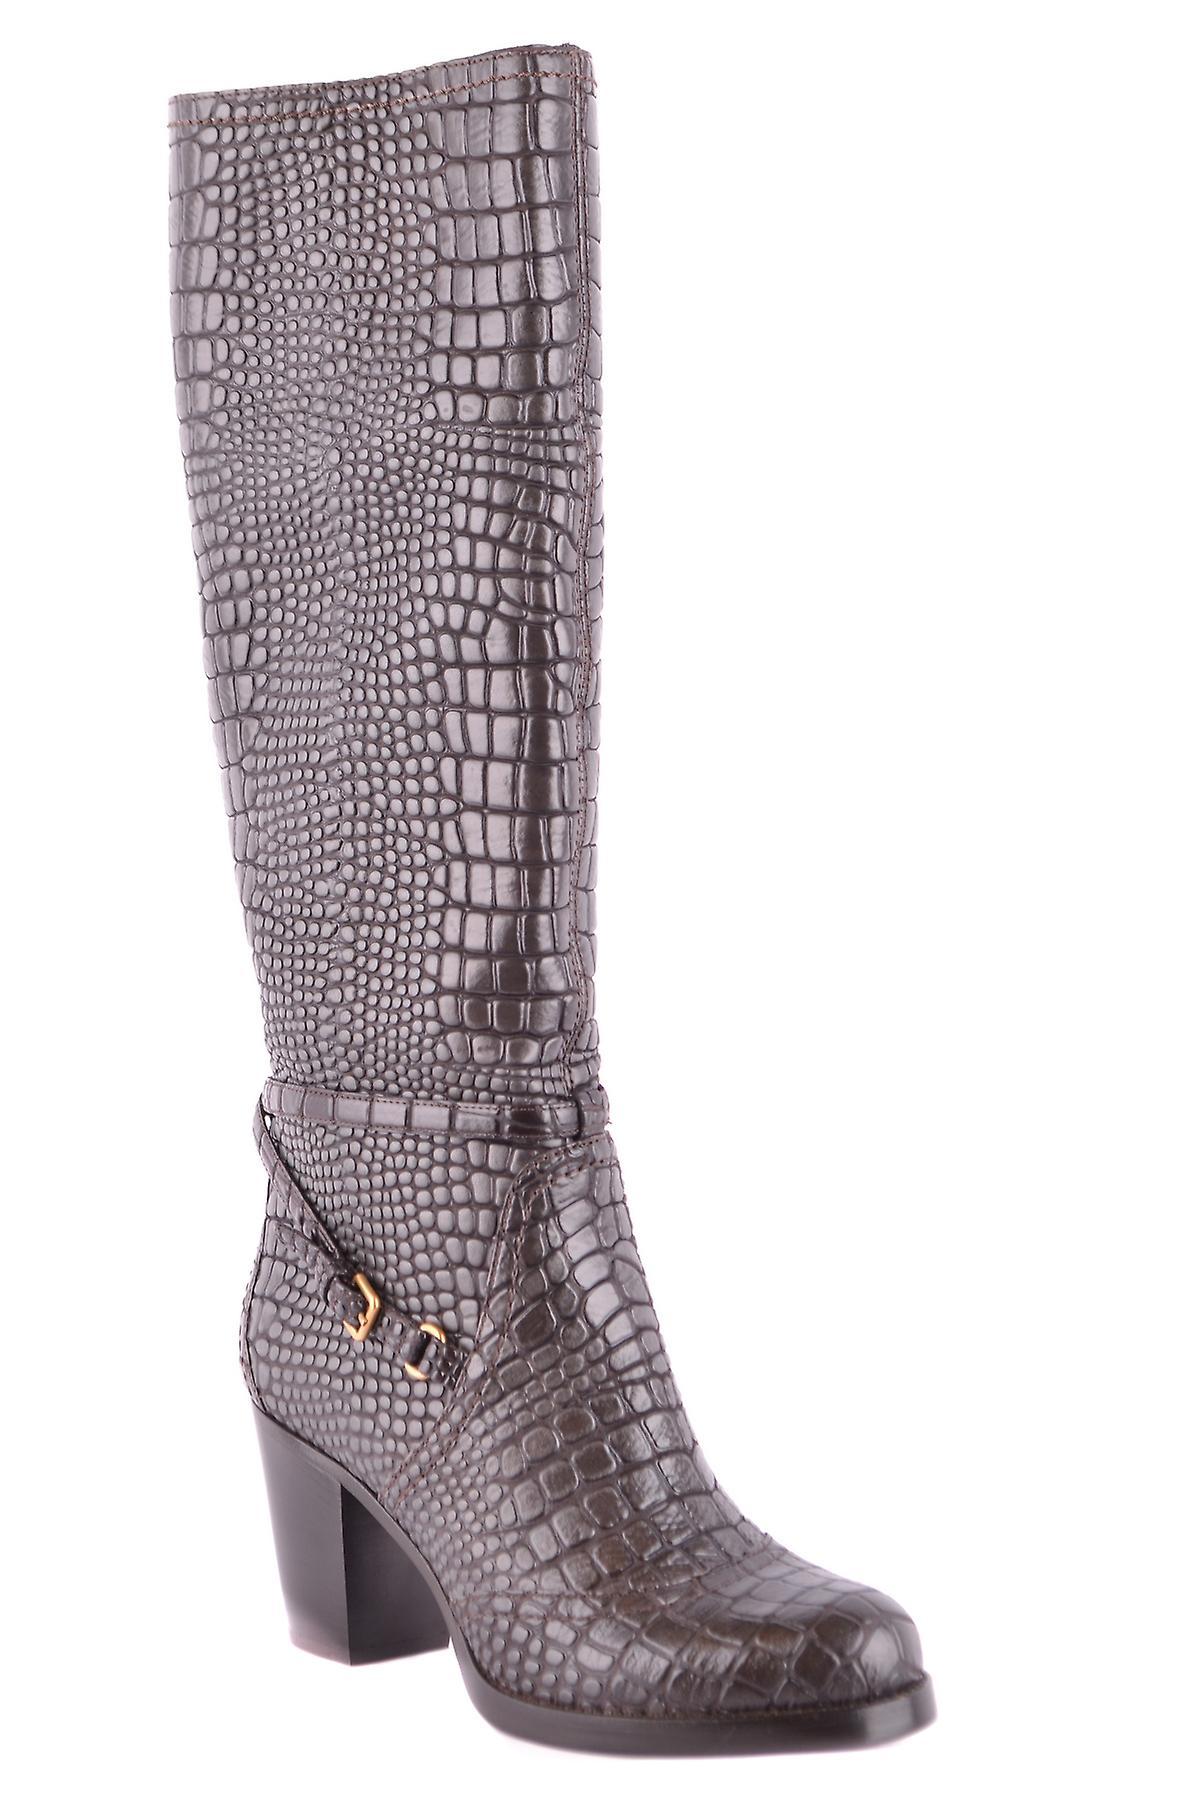 Car Shoe Ezbc029010 Women's Brown Leather Boots